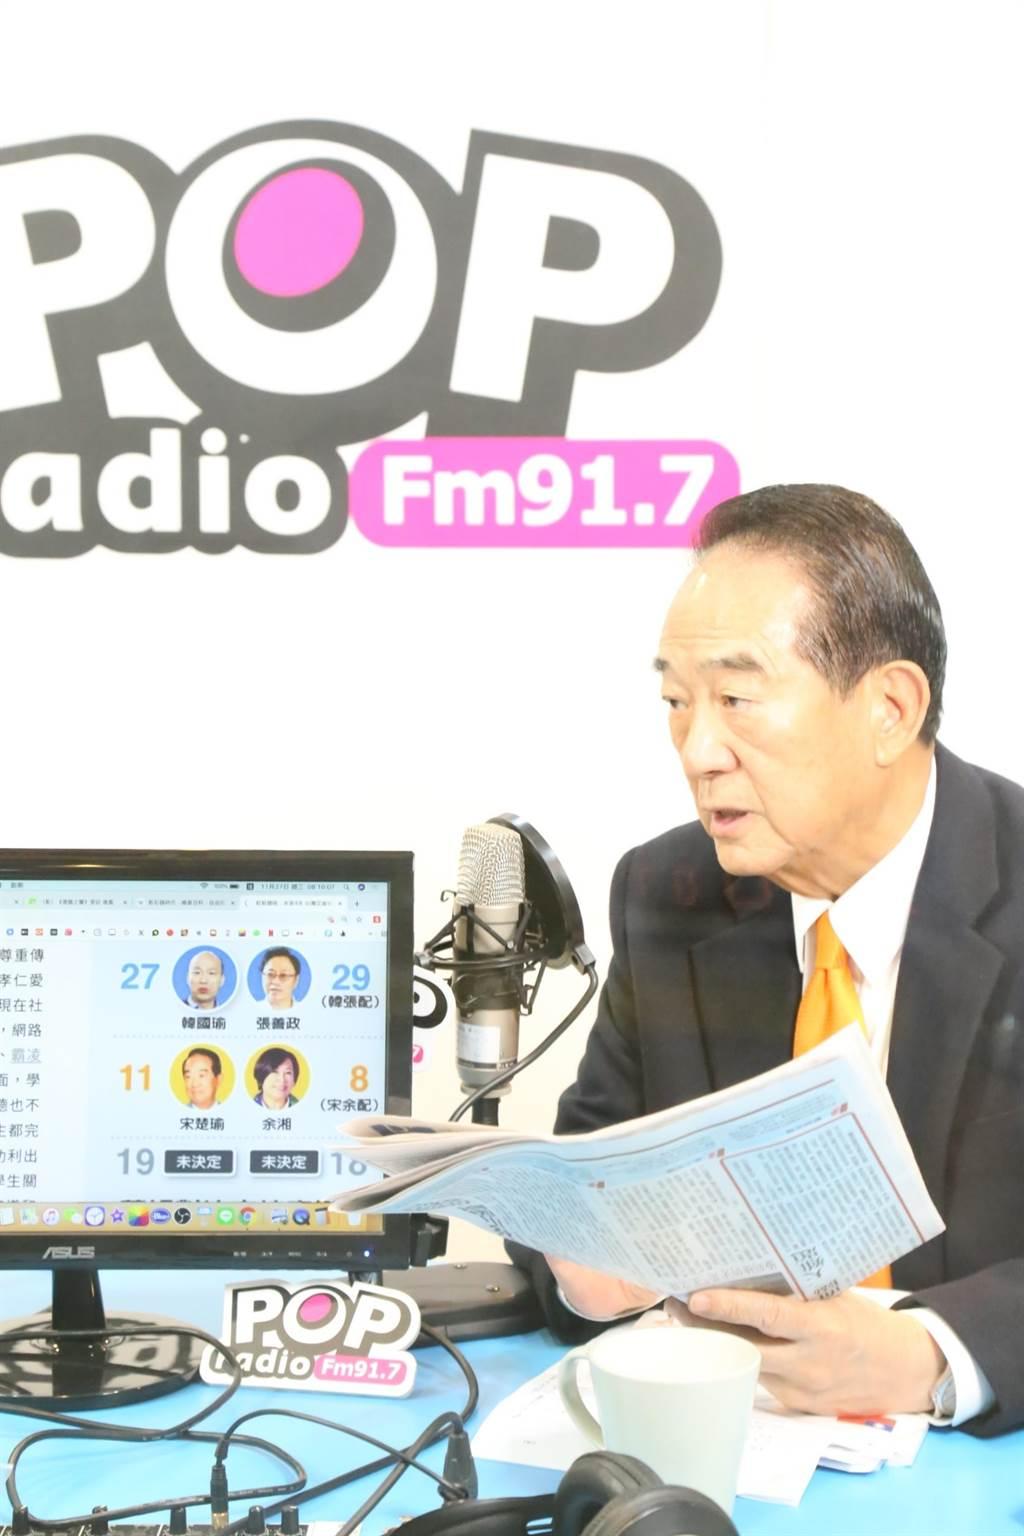 宋楚瑜(POP撞新聞提供)